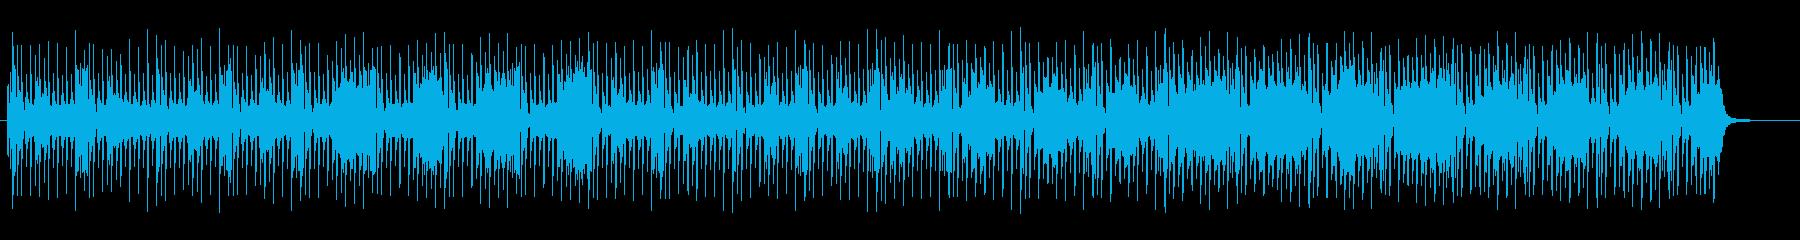 マイナーでリズミカルなメロディーポップの再生済みの波形